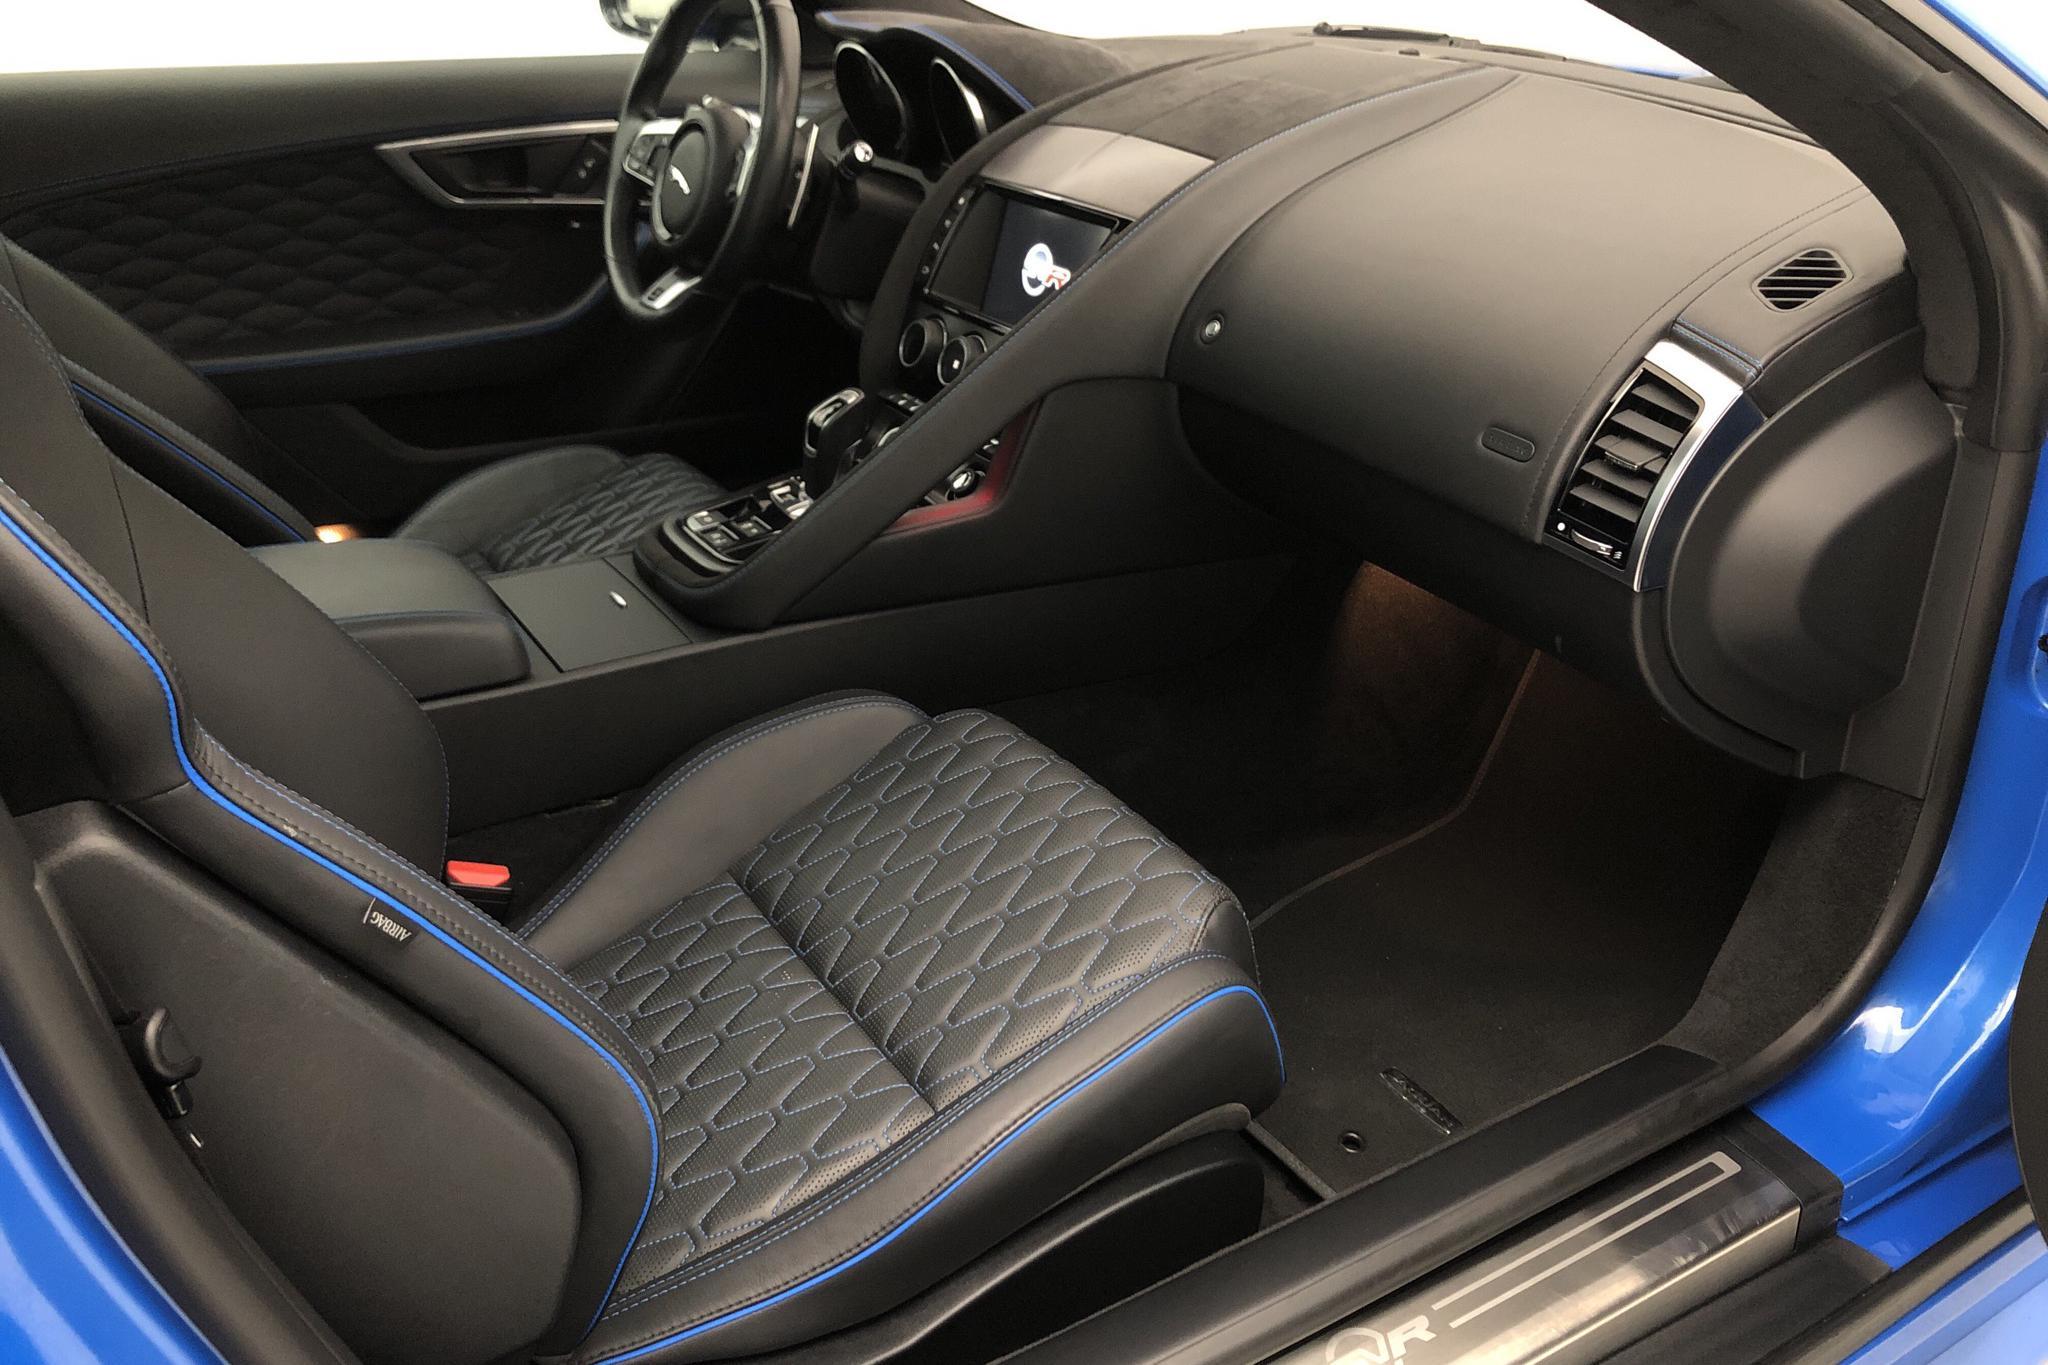 Jaguar F-Type 5.0 S/C V8 SVR AWD Coupé (575hk) - 29 430 km - Automatic - blue - 2018